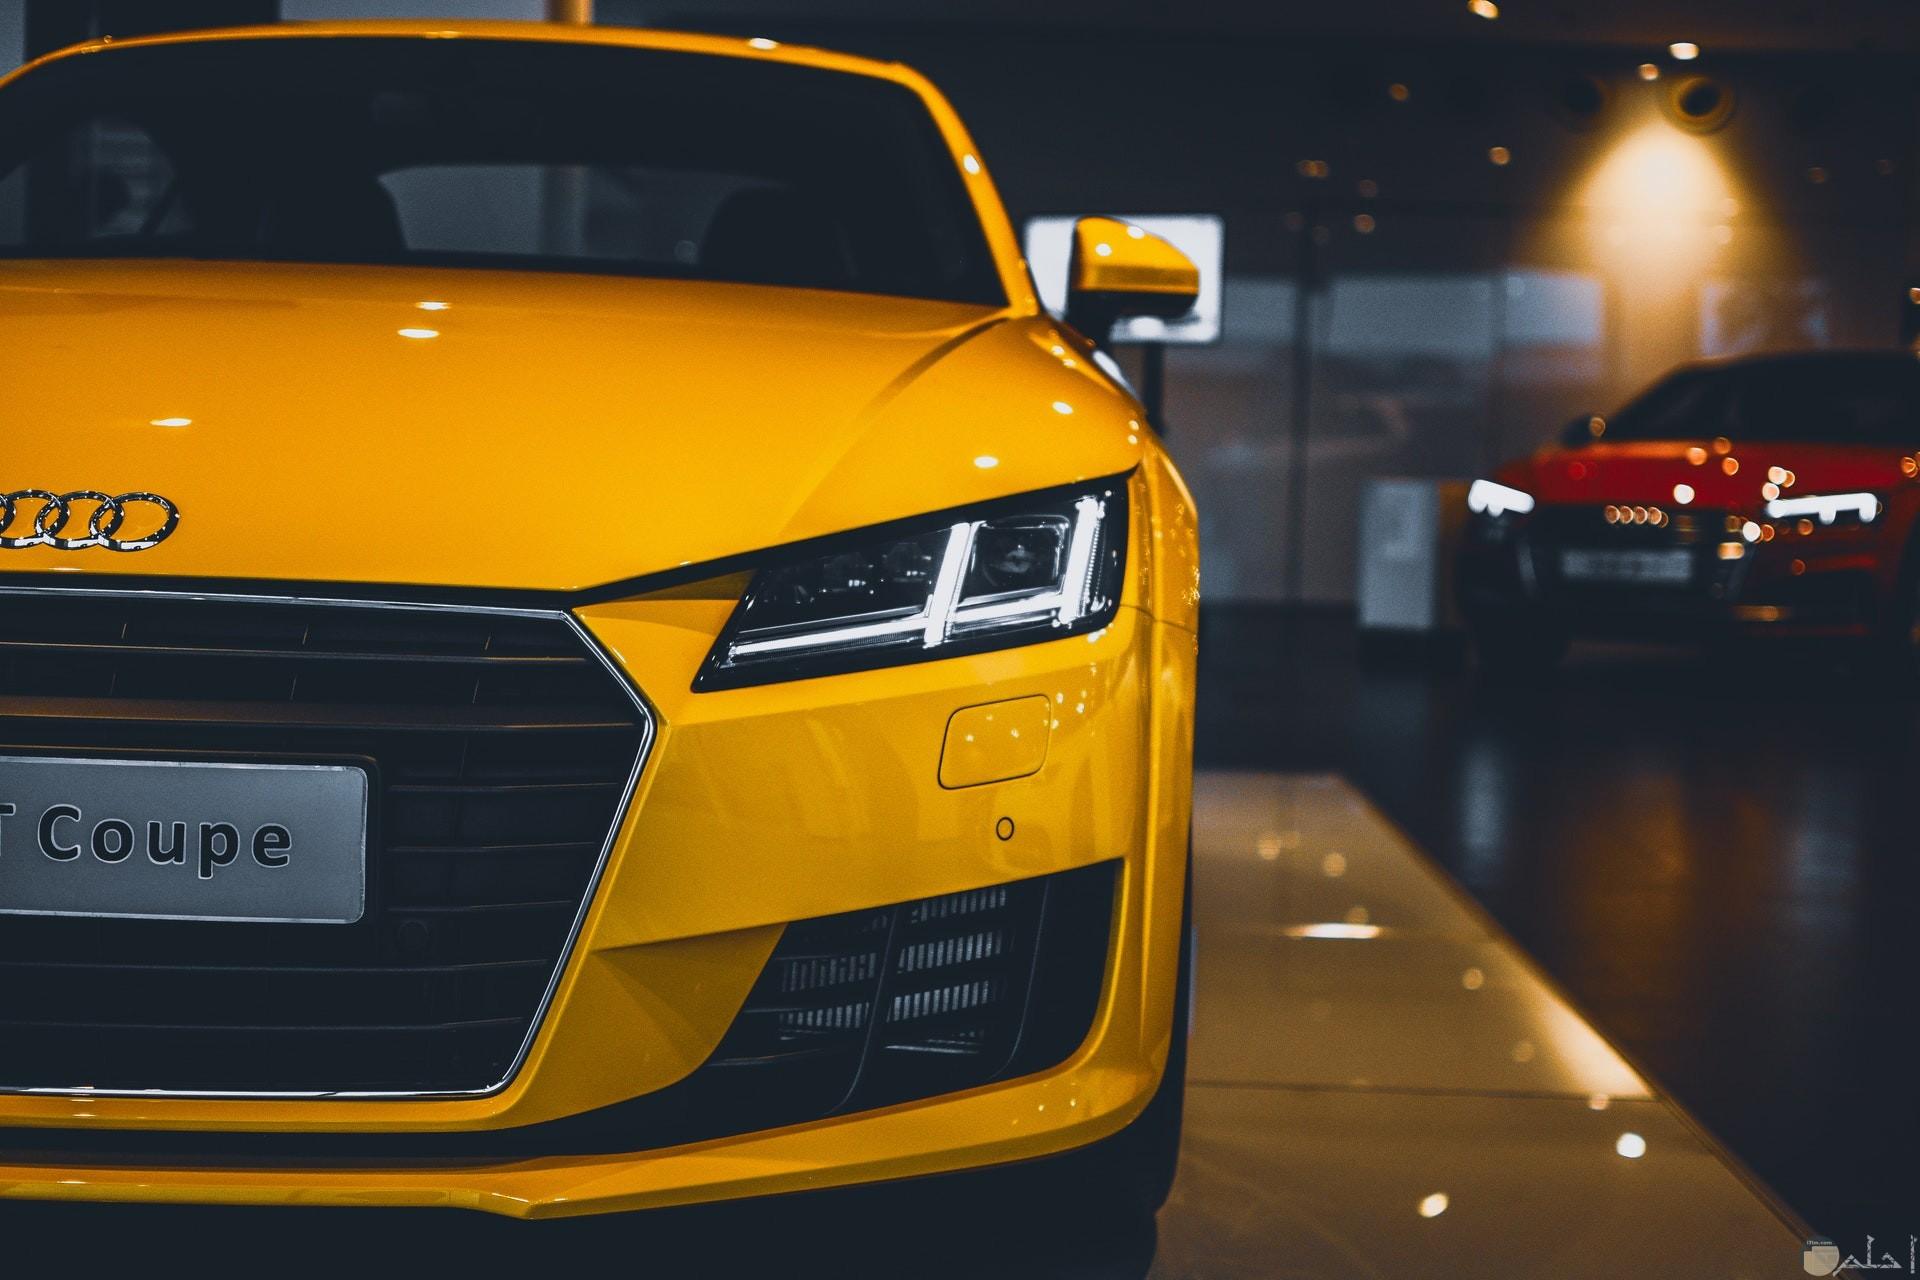 صورة سيارة أودي صفراء فخمة جميلة ومميزة جدا خلفها سيارة حمراء